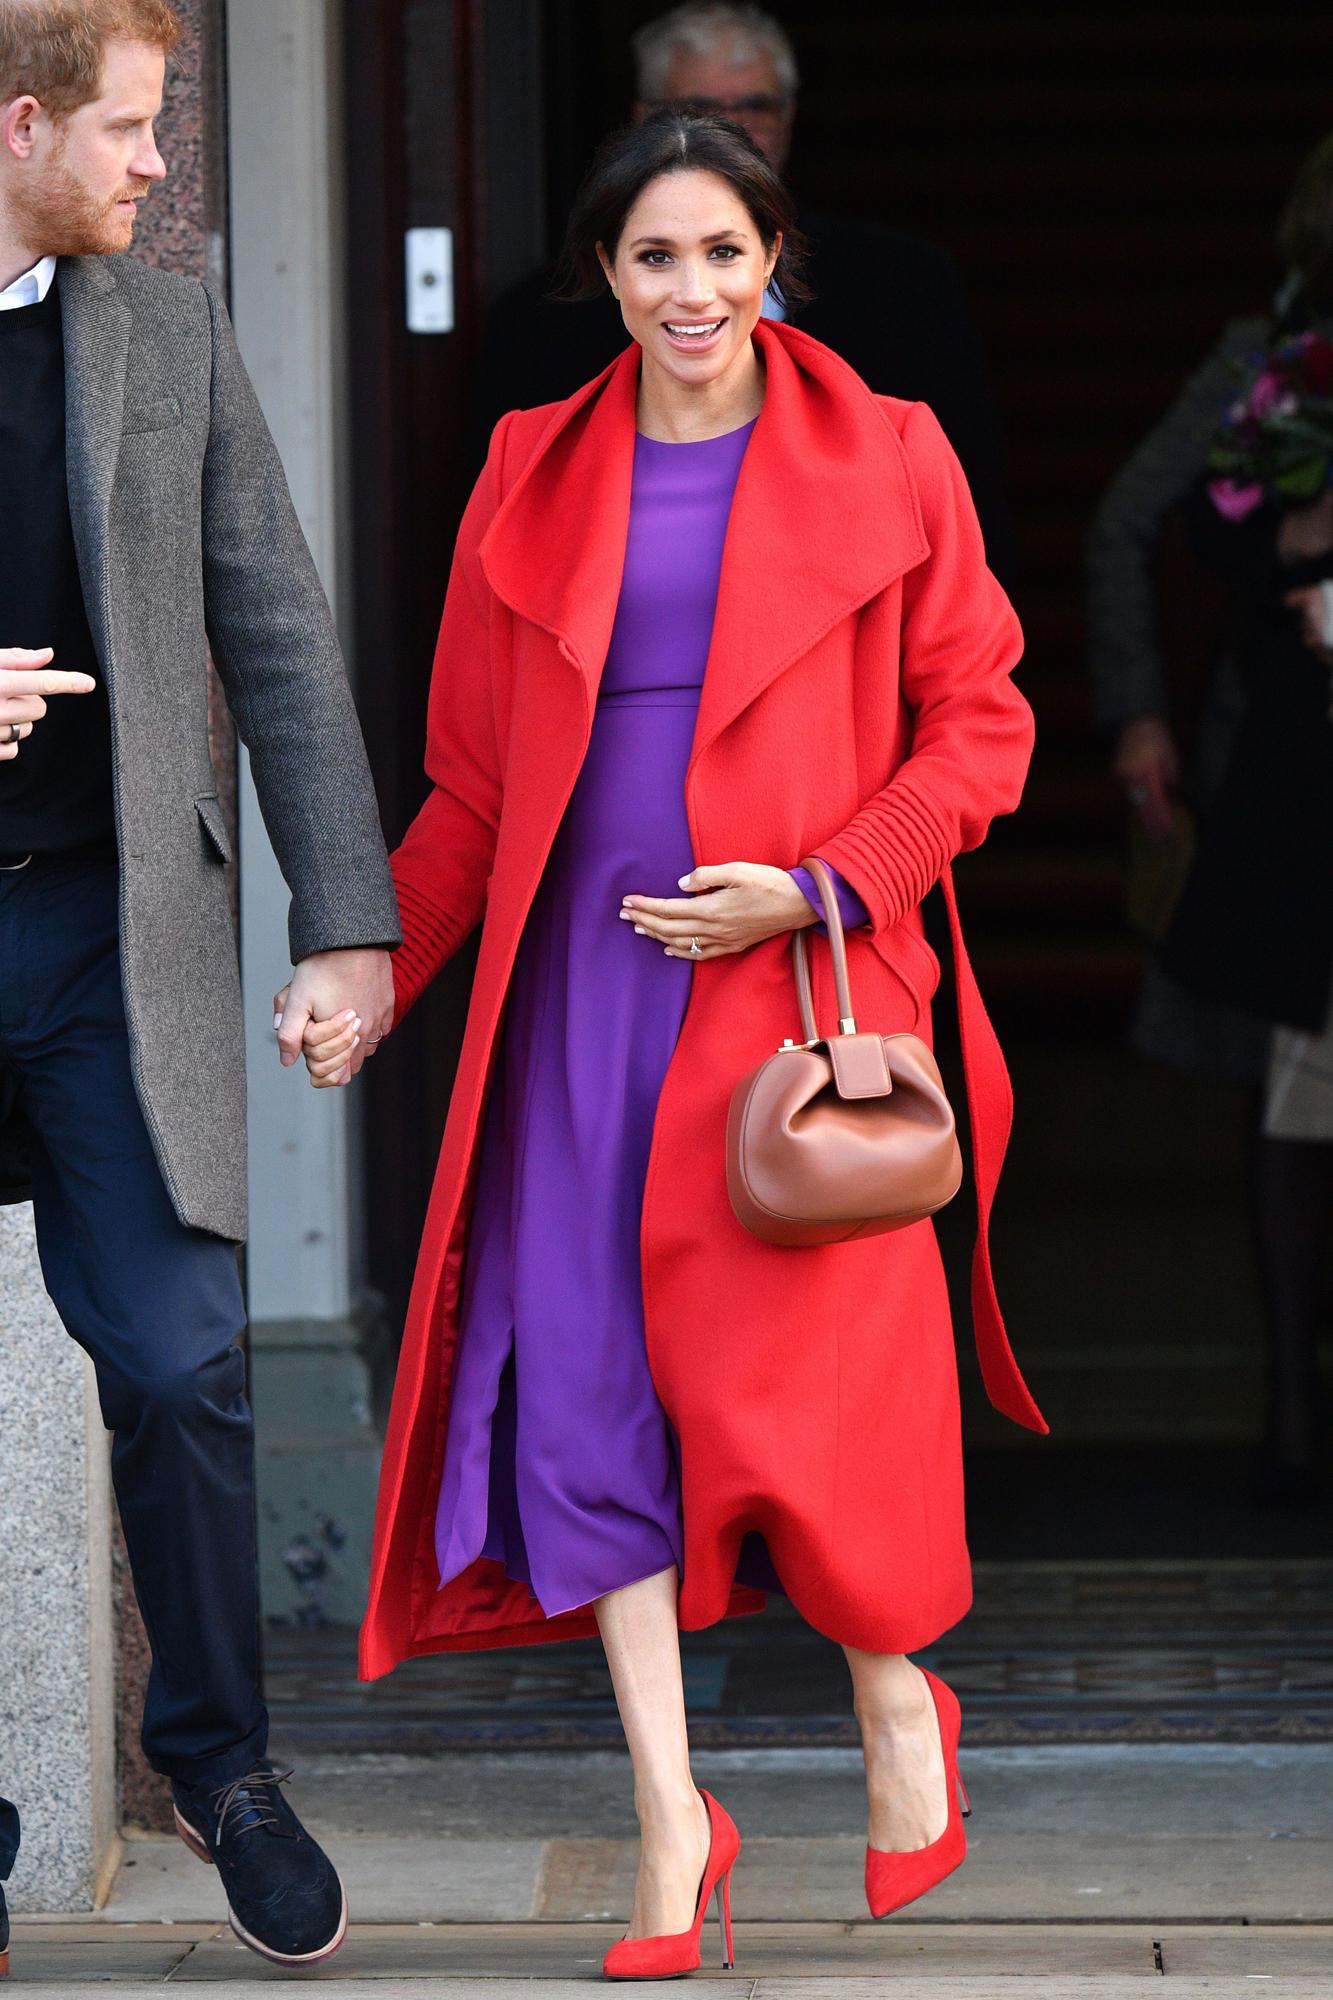 công nương meghan mặc váy tím và áo khoác đỏ